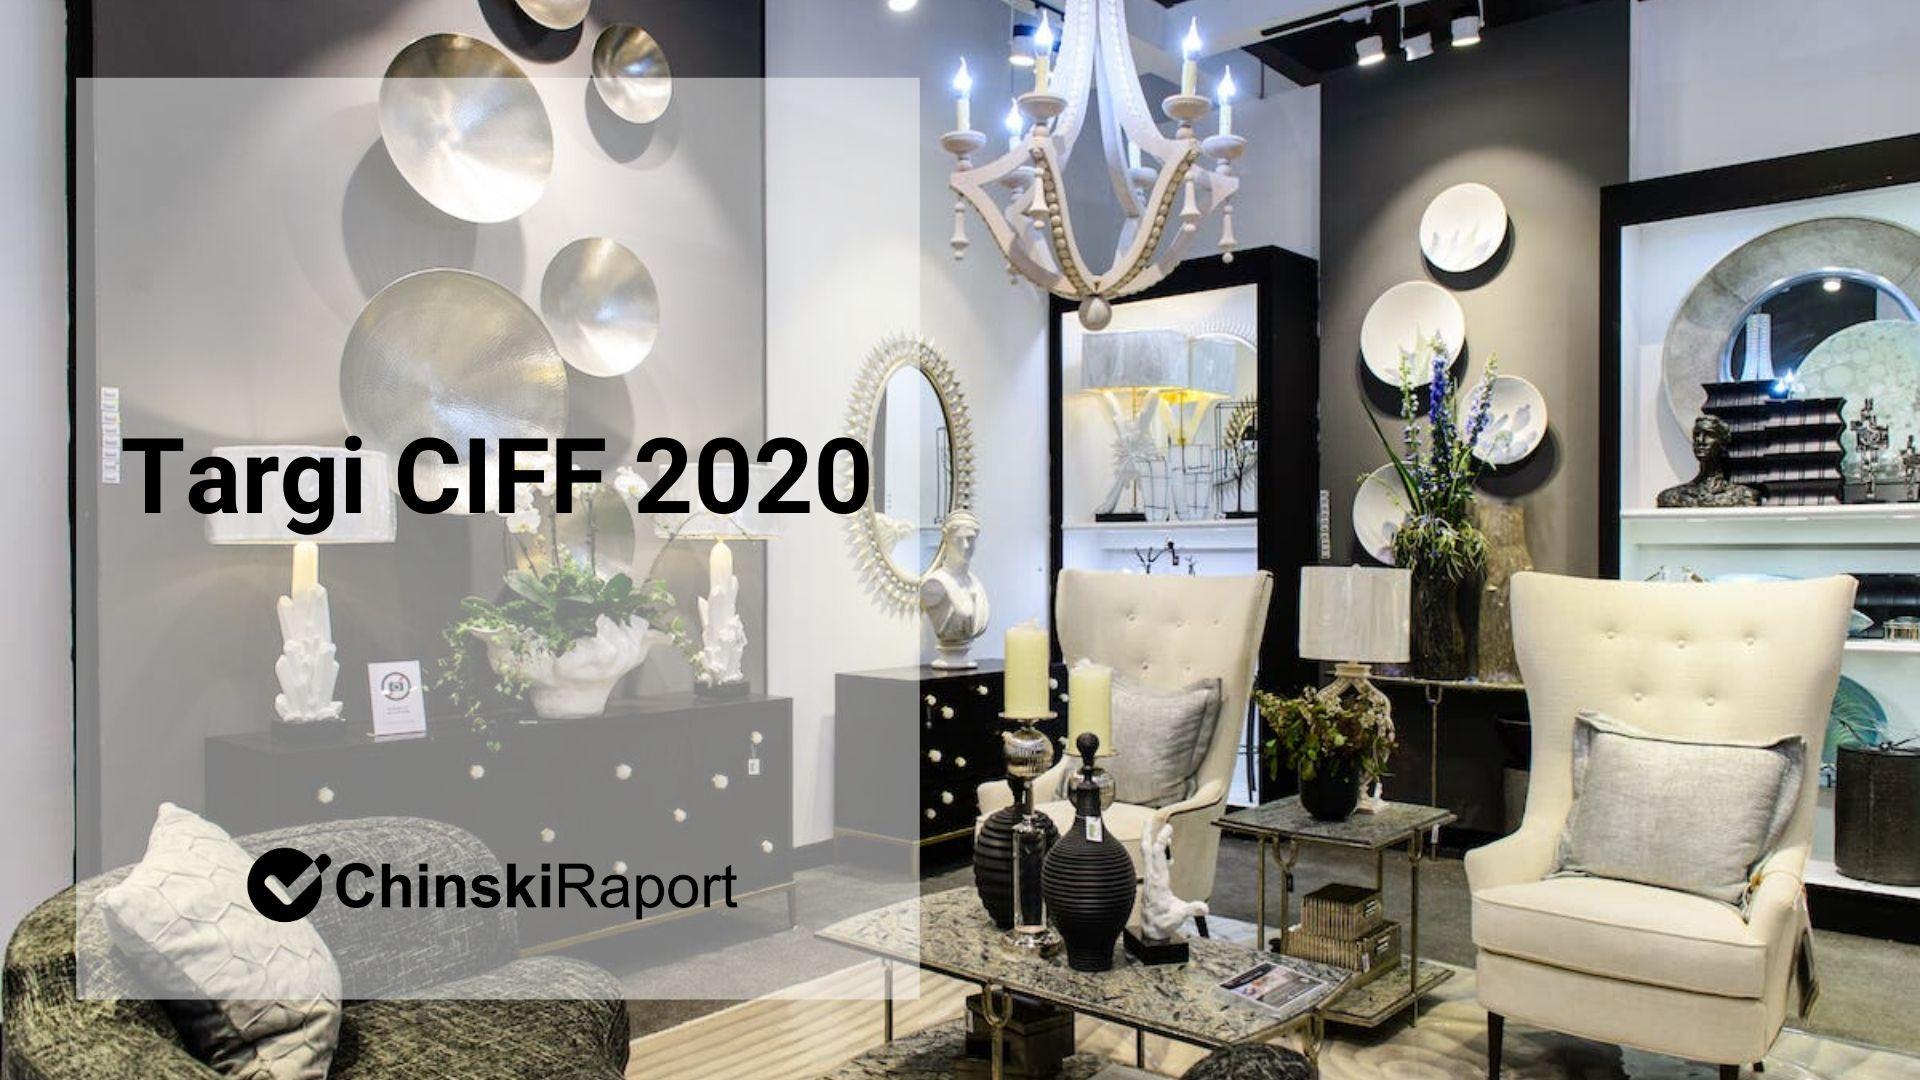 Targi CIFF 2020